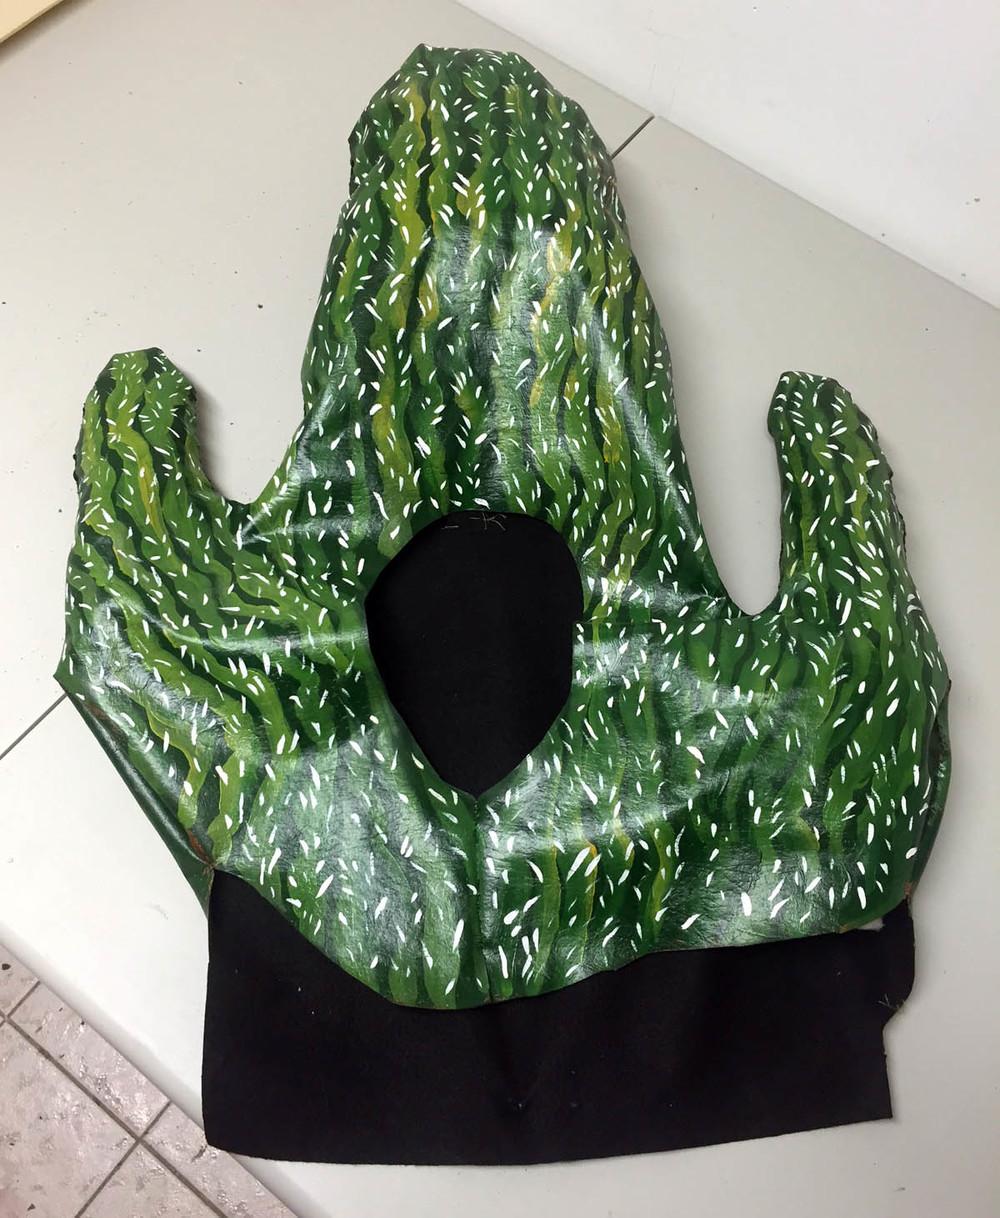 Cactus Headpiece